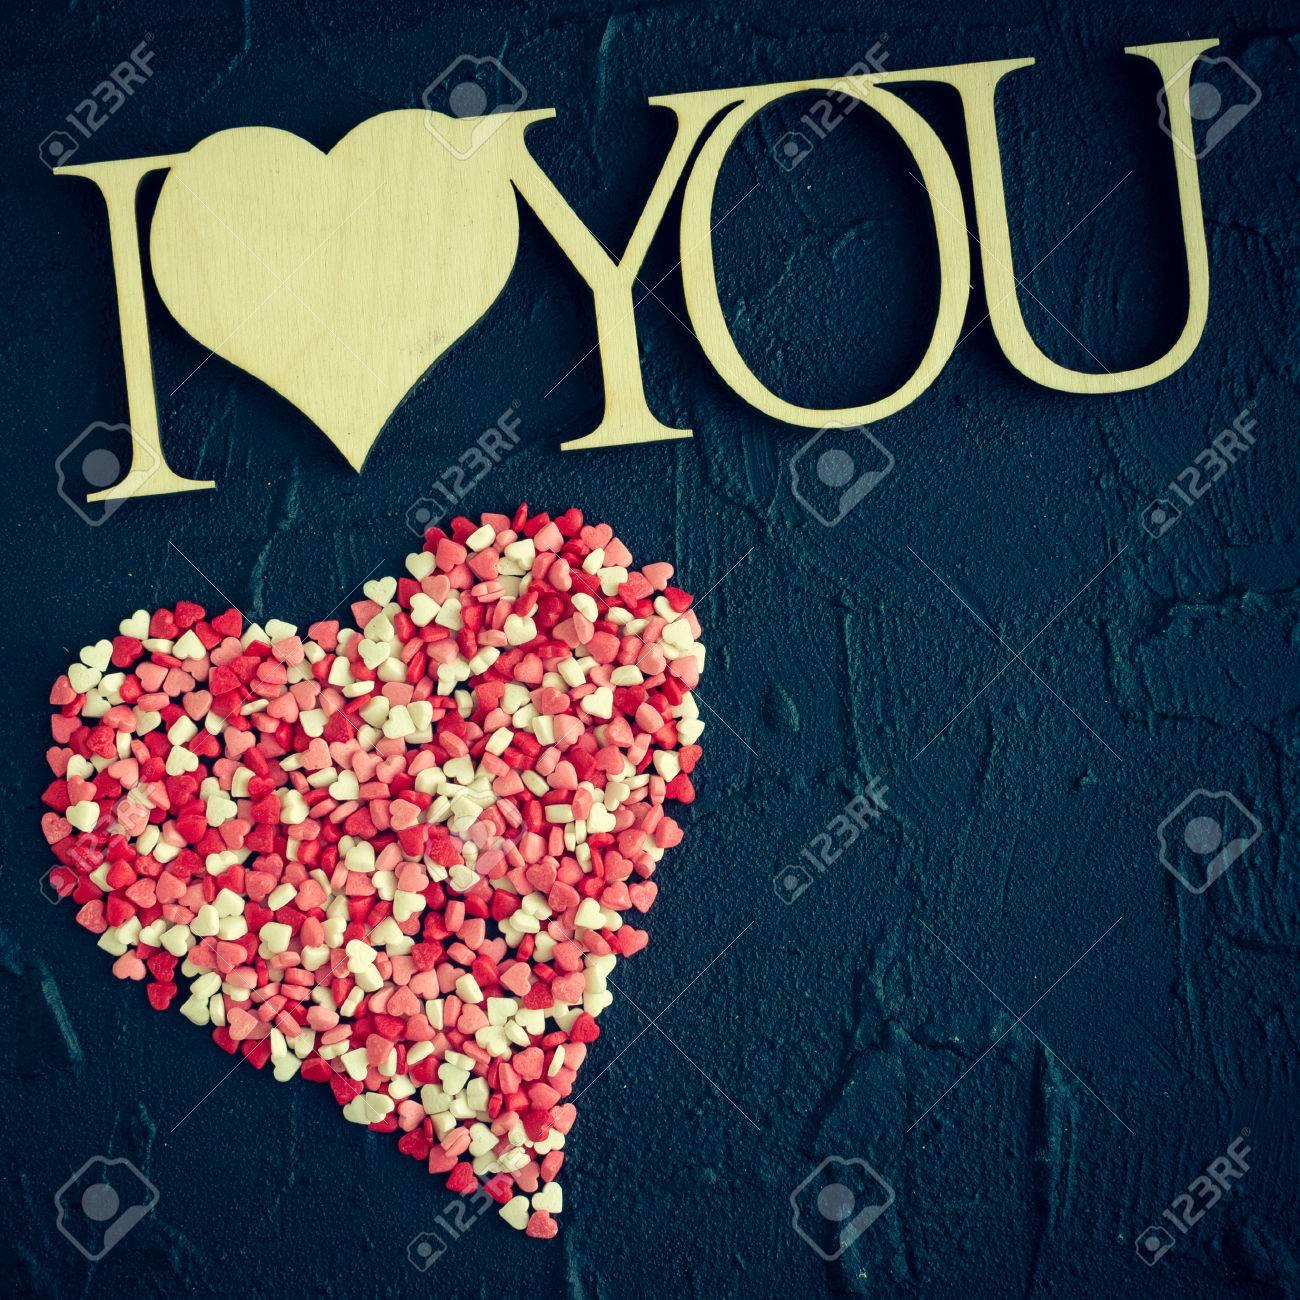 Eu Te Amo Frase De Madeira Sobre Fundo Preto De Pedra Com Grande Coração De Pequenos Corações Coloridos Tema Do Dia Dos Namorados Conceito De Dia